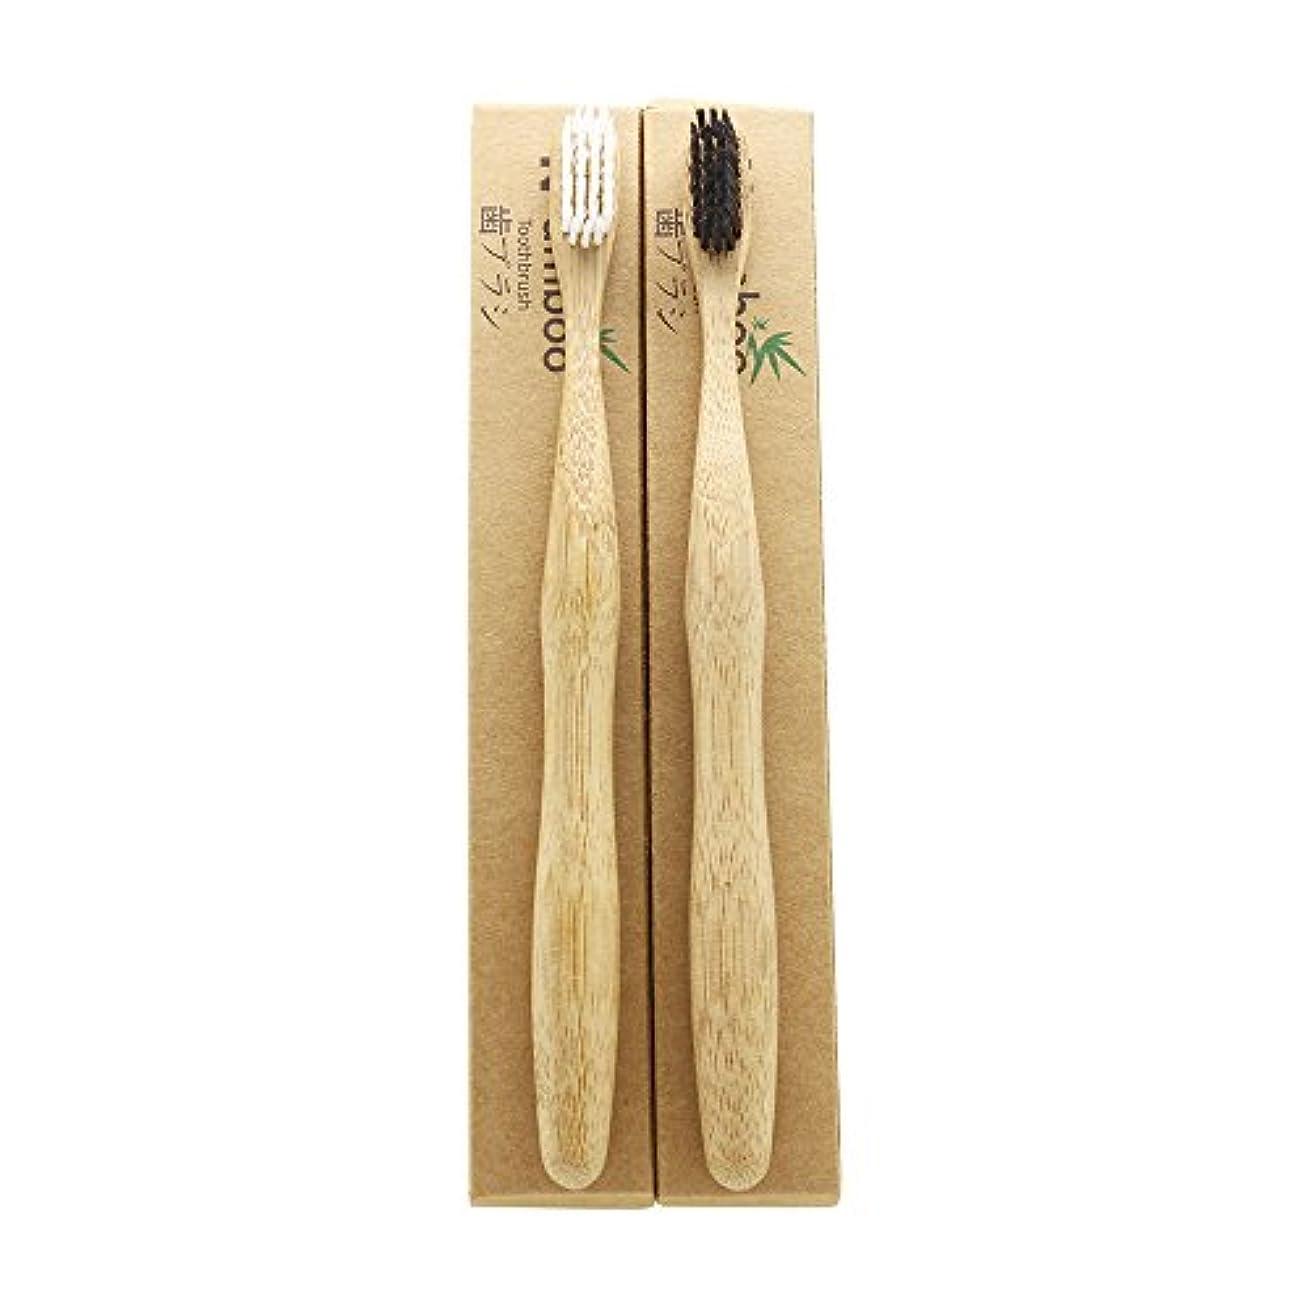 縁脱臼する知り合いになるN-amboo 竹製 歯ブラシ 高耐久性 白と黒 セット エコ  (2本)